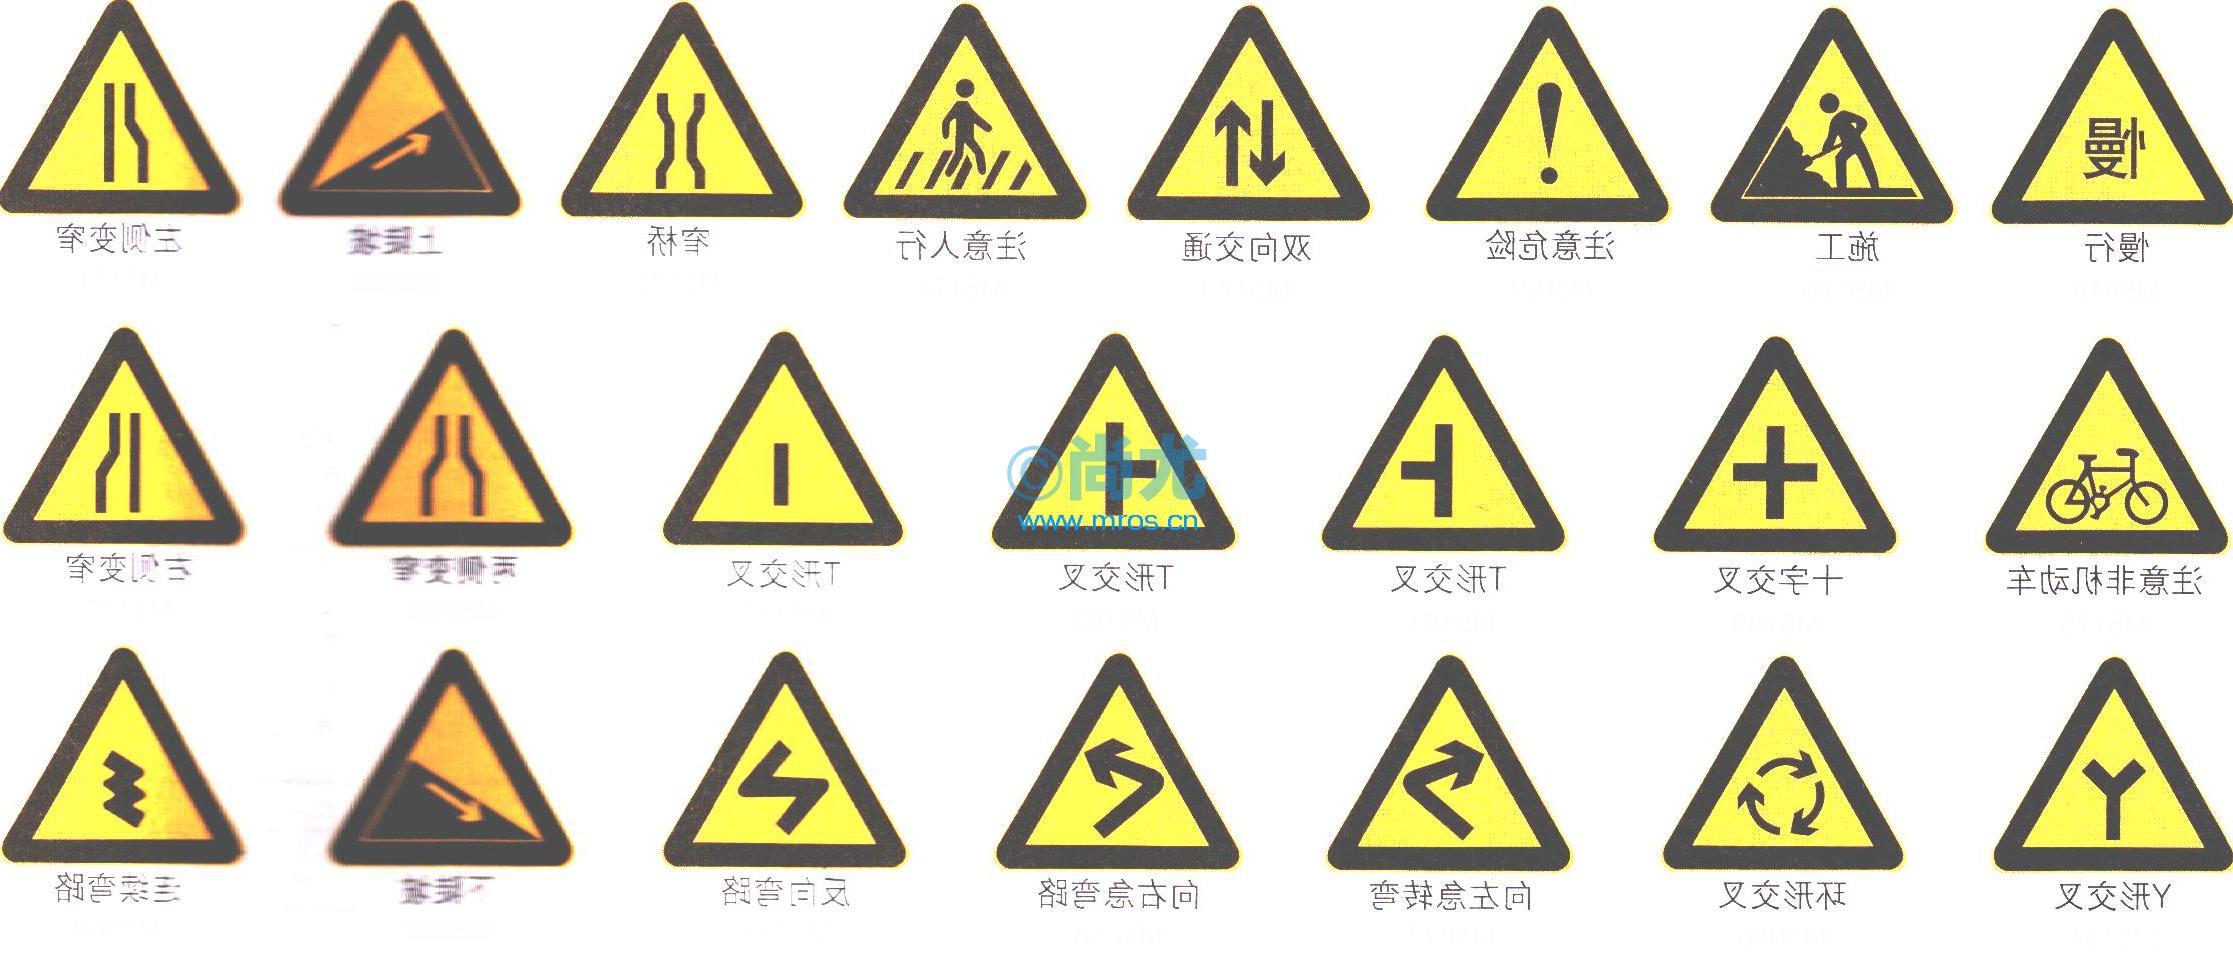 国产三角形双向